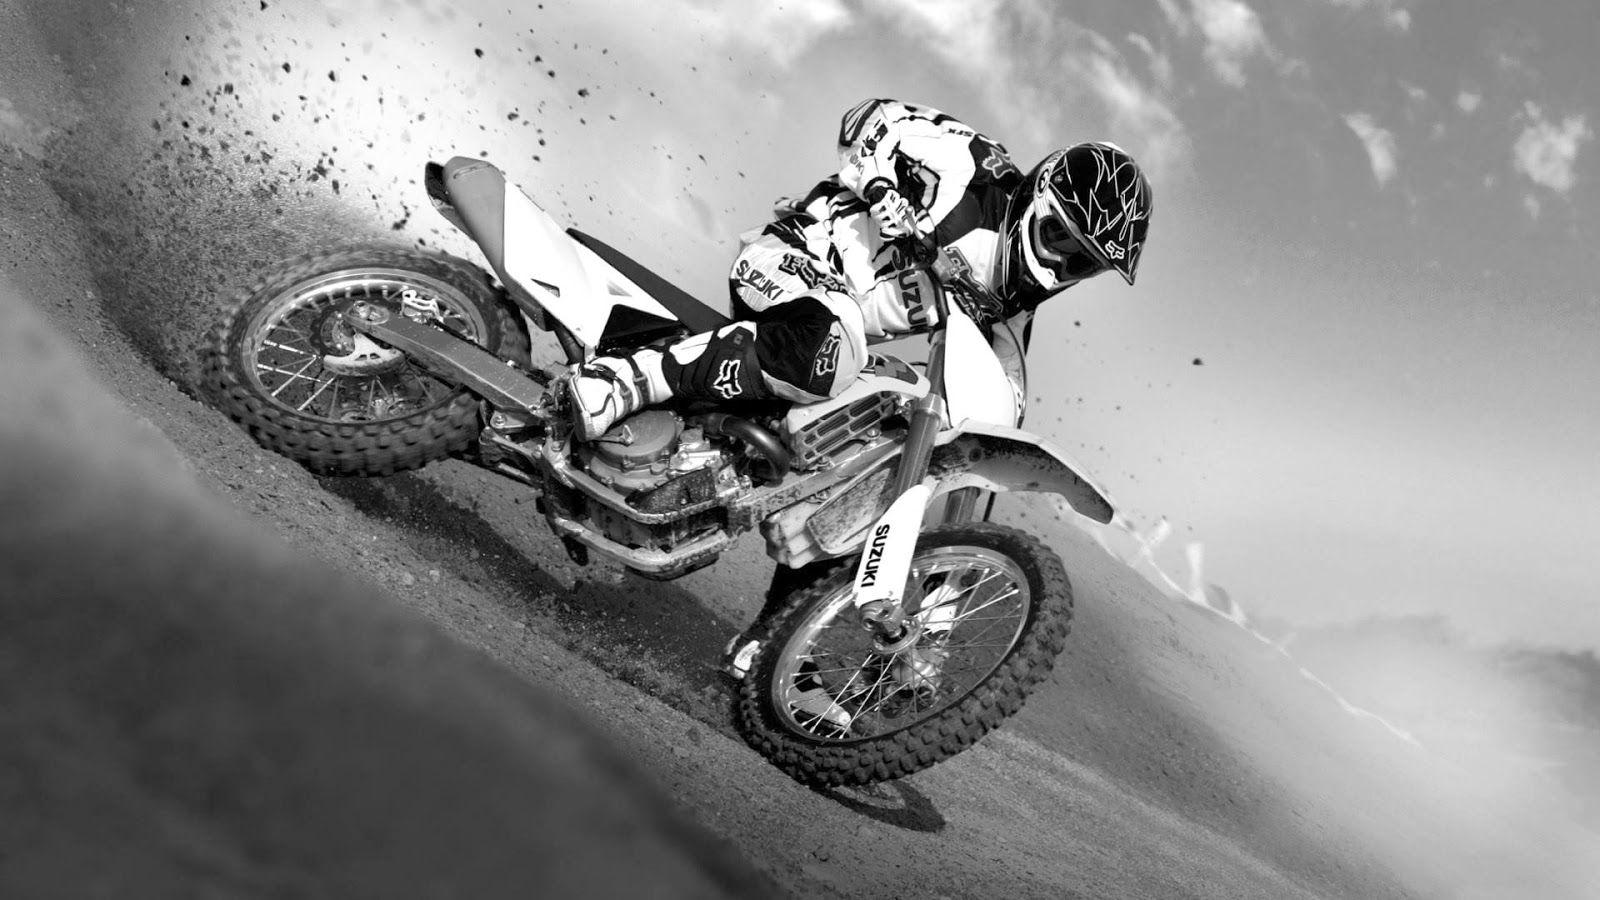 Dirt Bike Black And White Wallpaper Yamaha Dirt Bikes Motorcross Suzuki Motocross